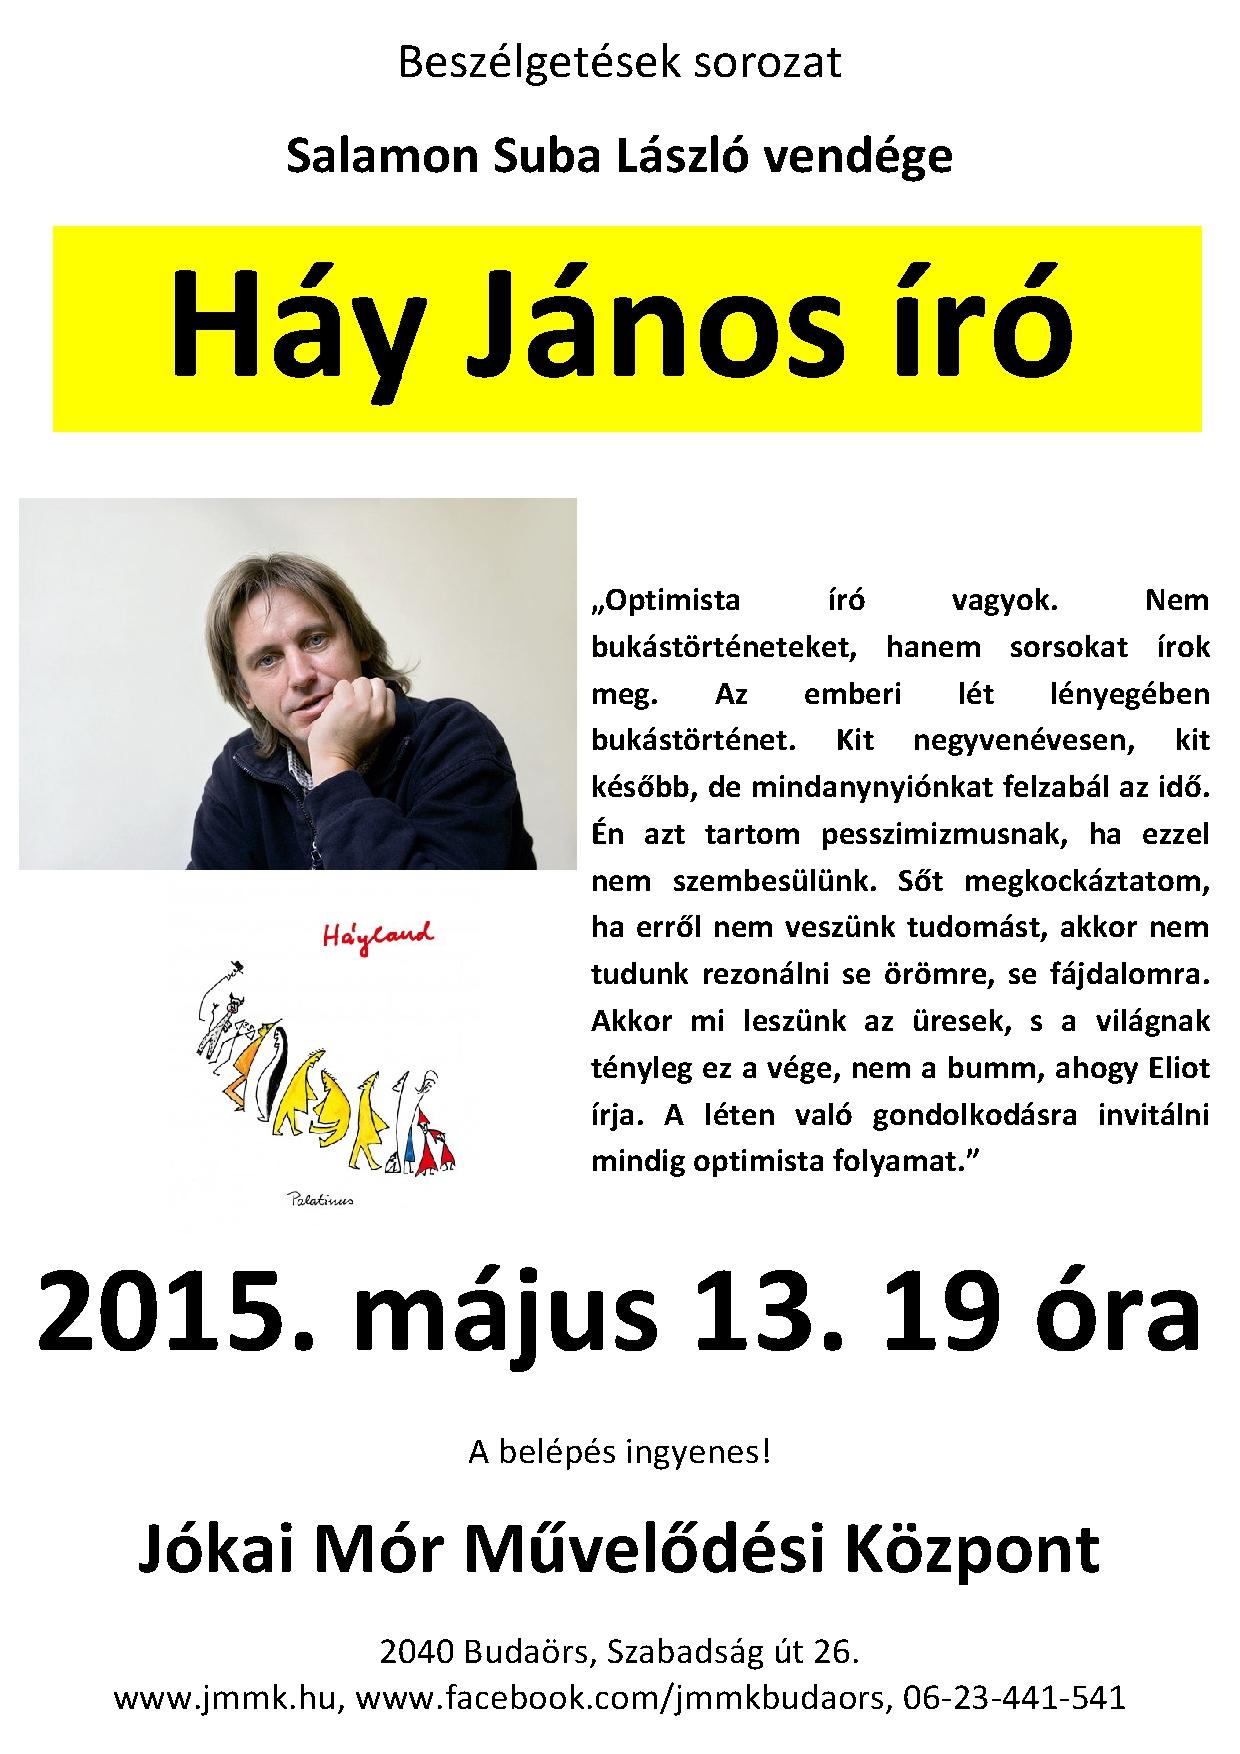 Háy János plakát